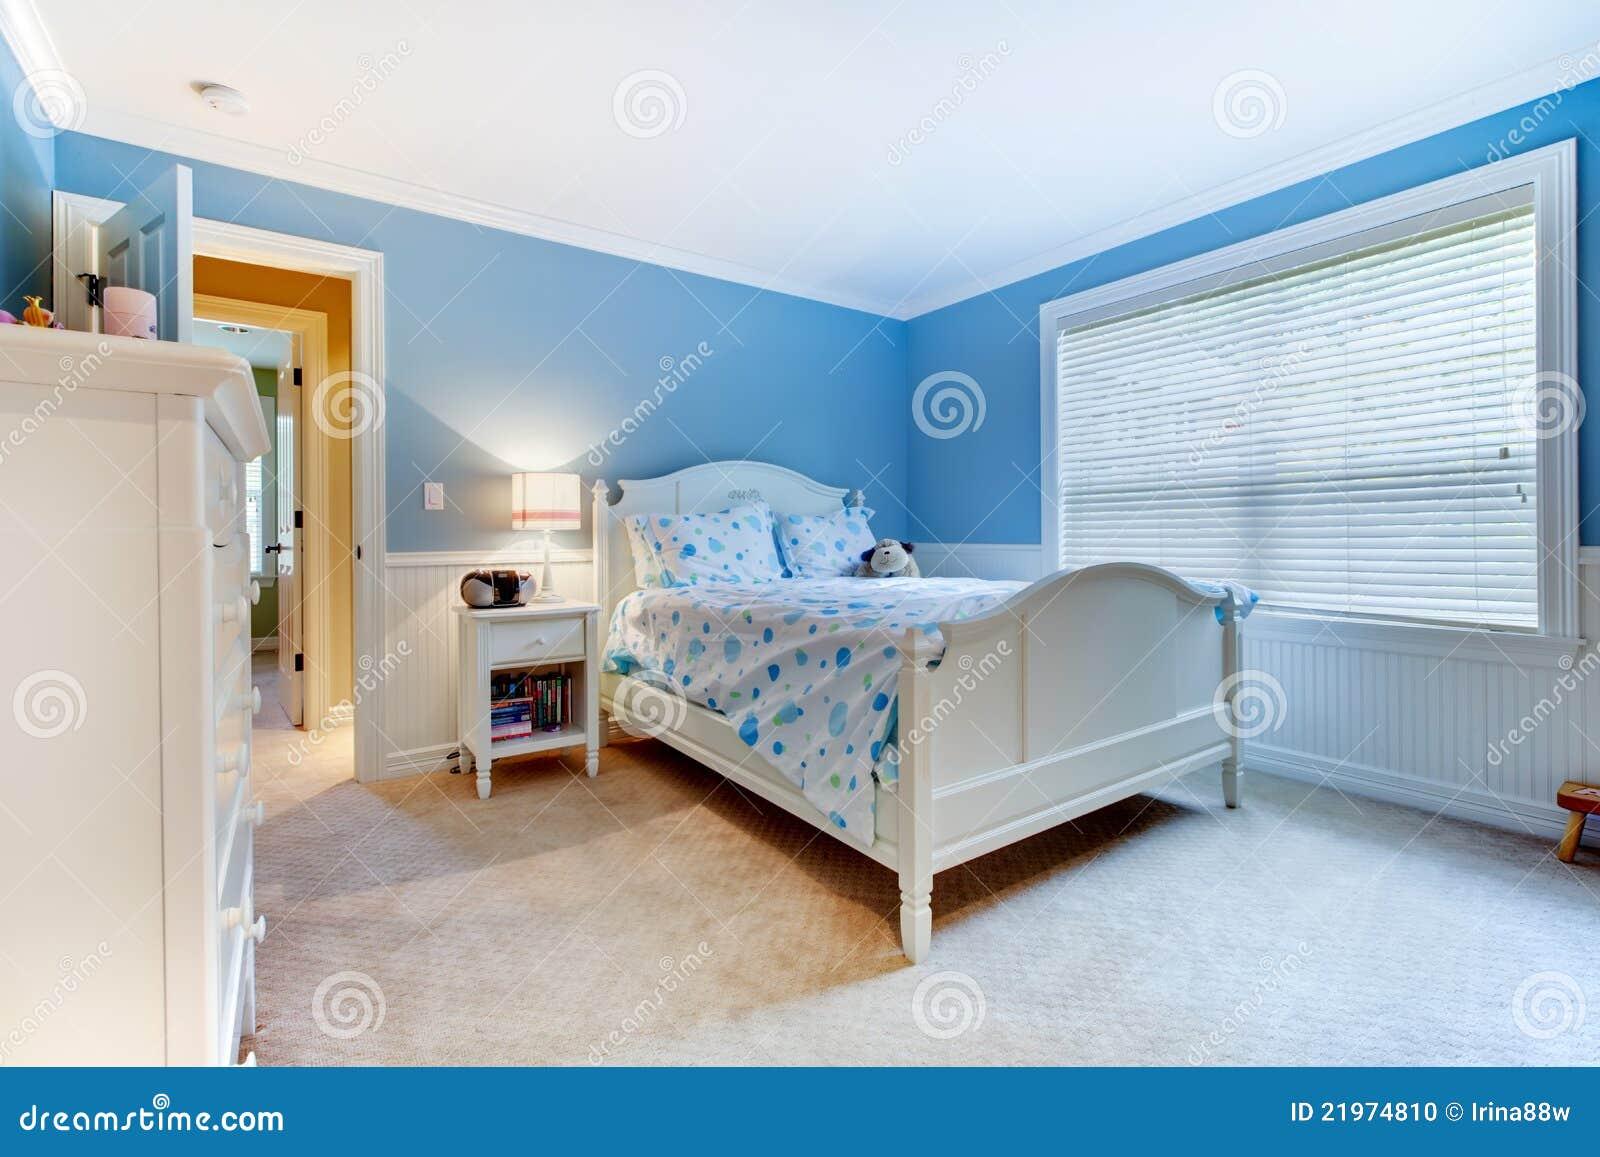 Interiore blu della camera da letto dei bambini delle ragazze fotografia stock immagine 21974810 - Camera da letto bambini ...